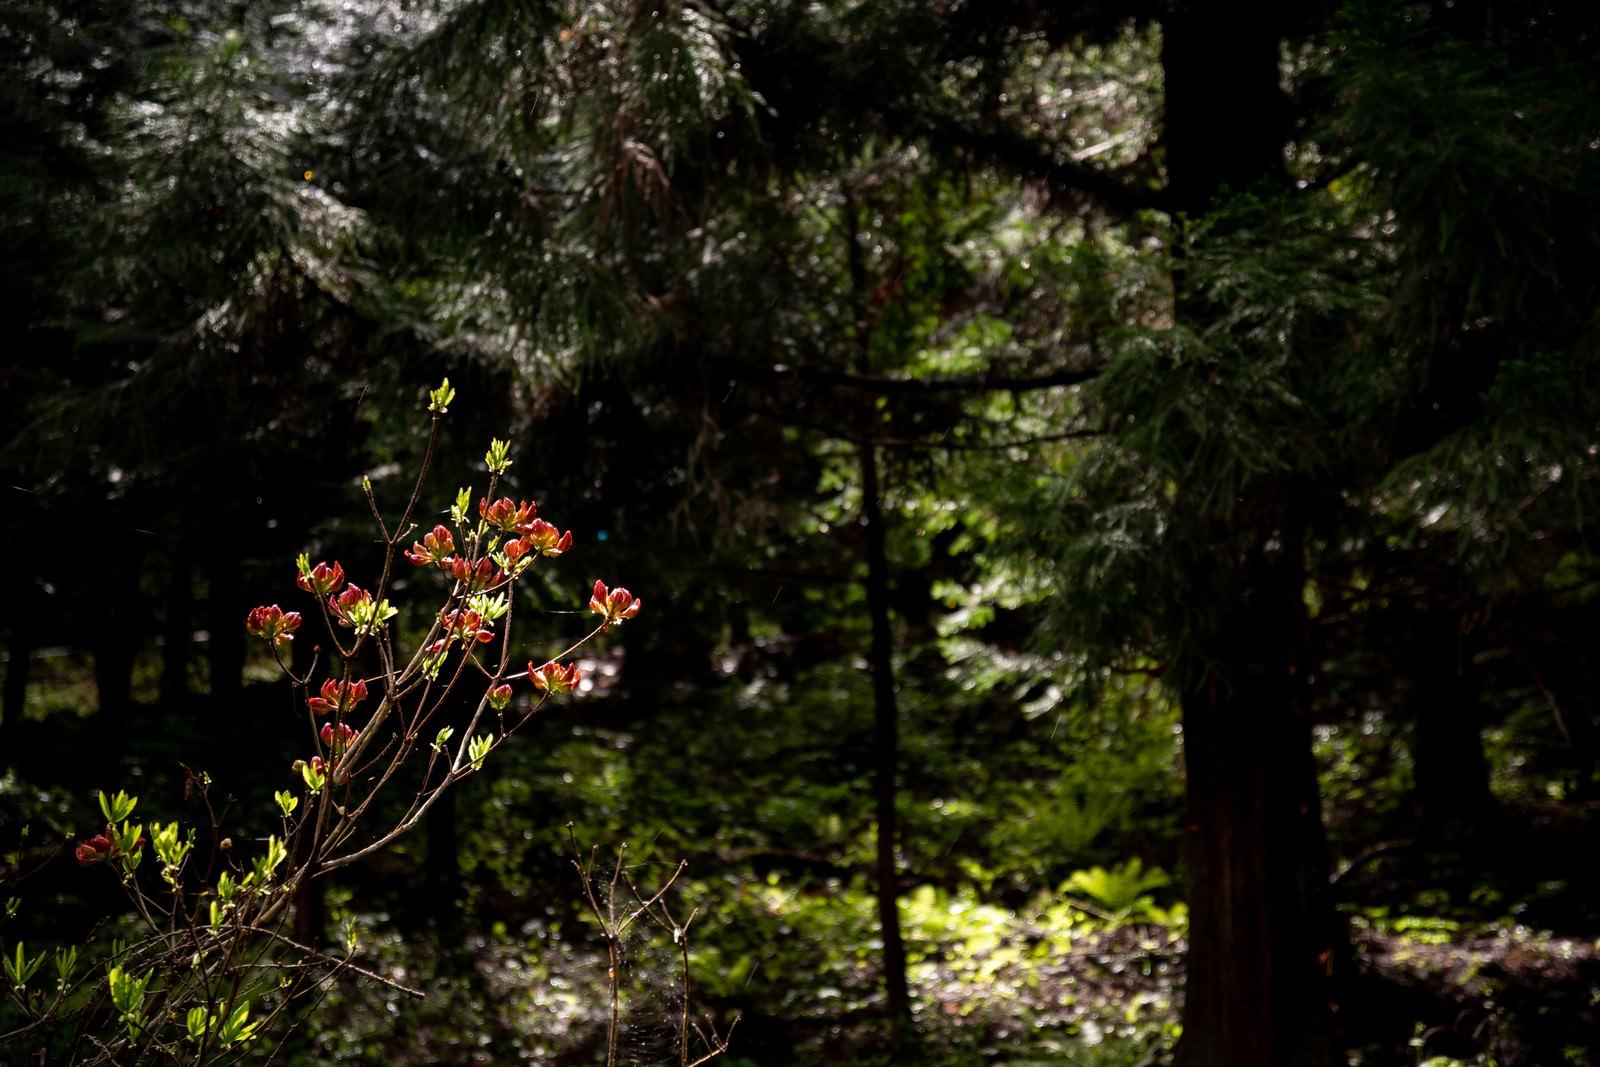 「森の中で咲く花」の写真